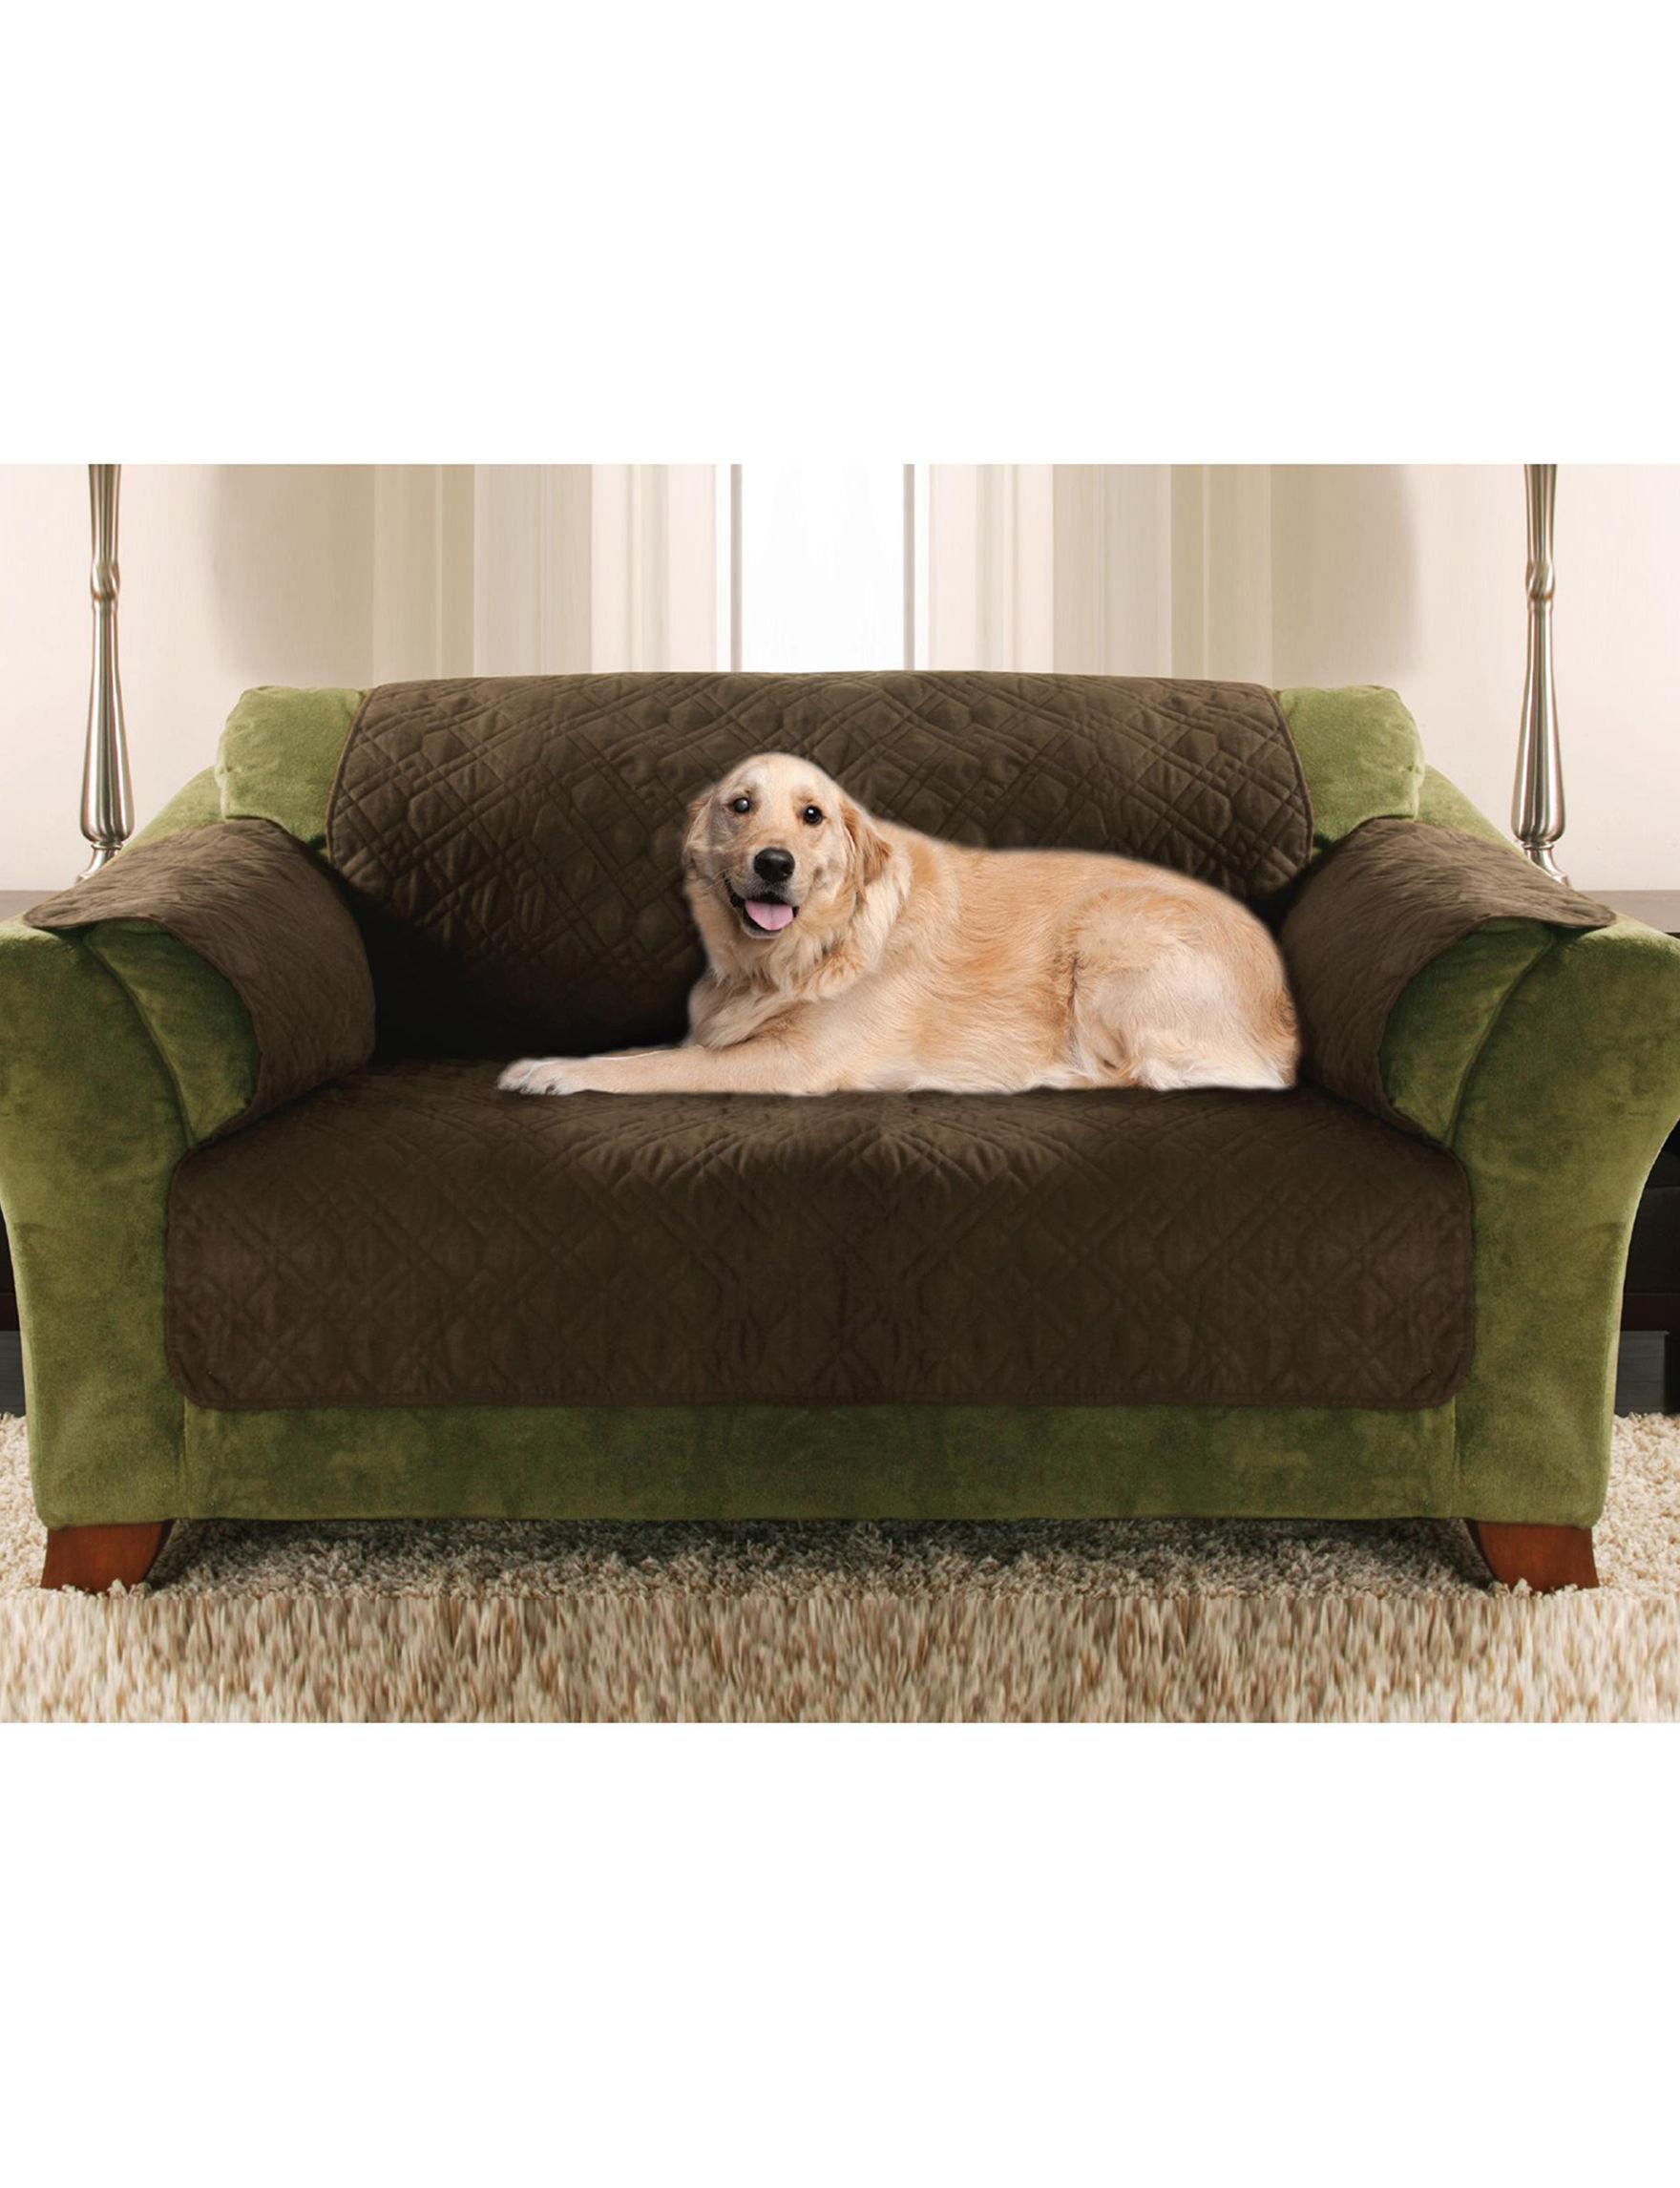 Reflex Sales Dark Brown Pet Beds & Houses